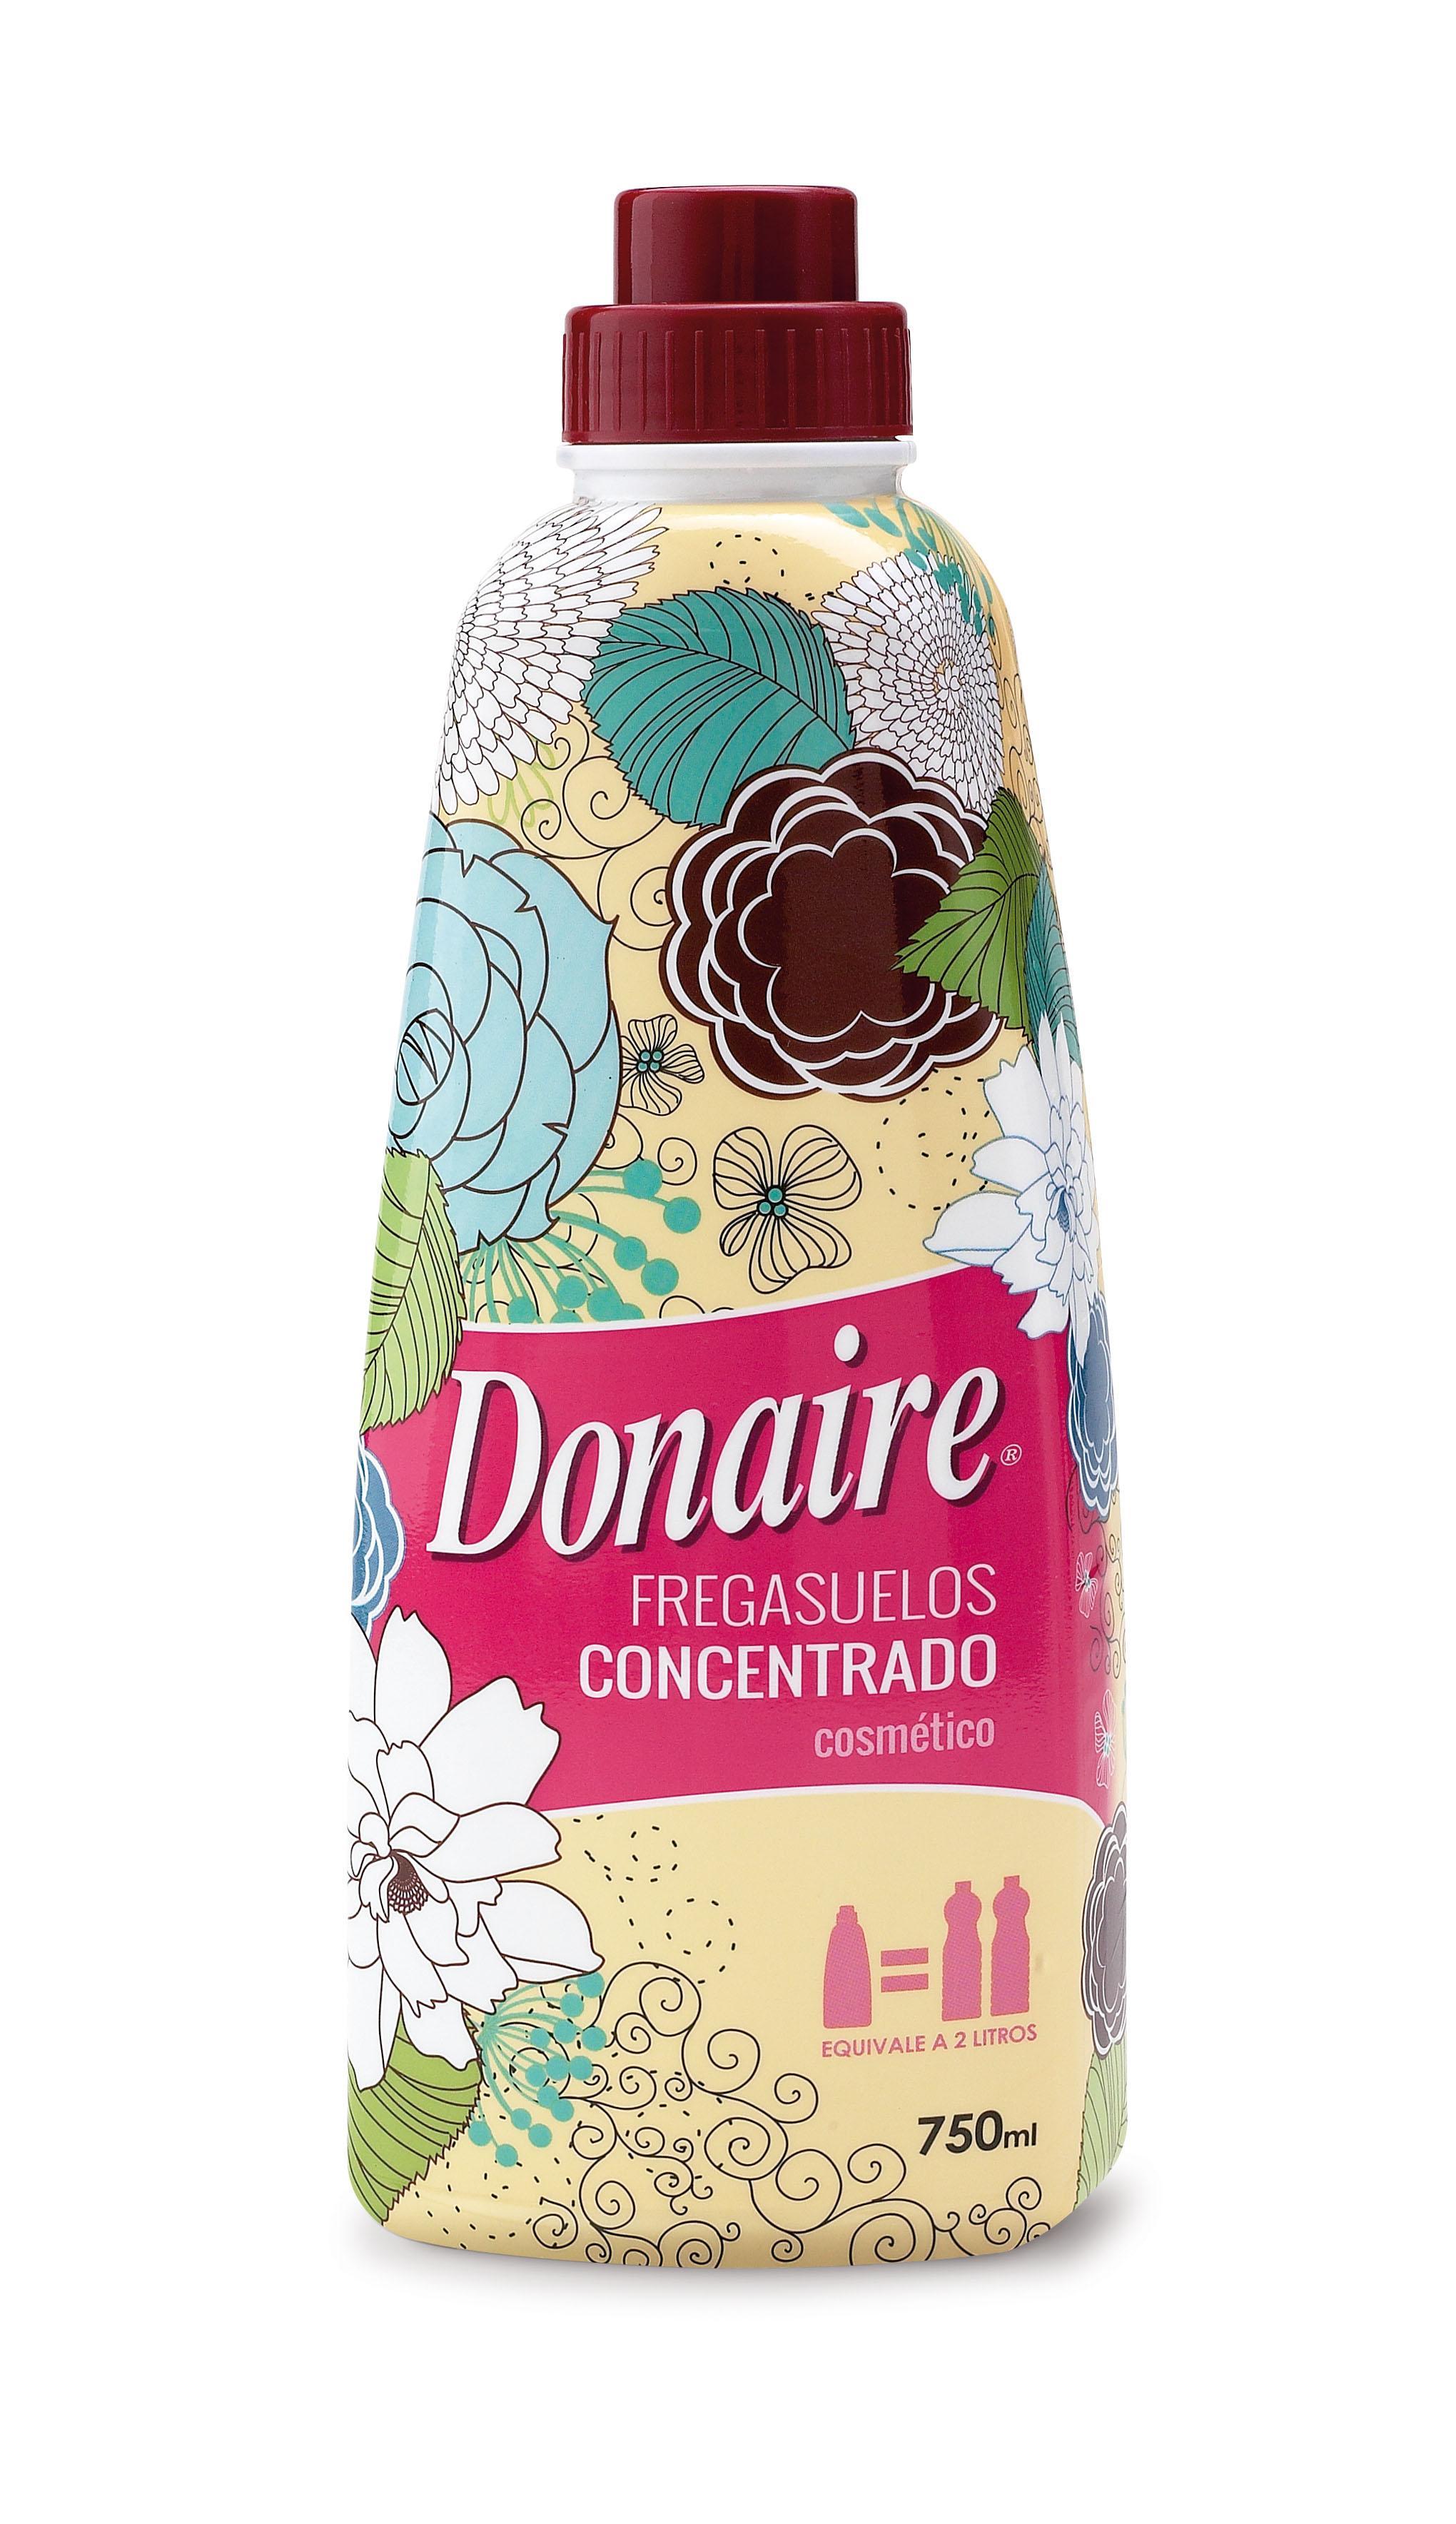 Donaire fregasuelos cosmético concentrado 750ml